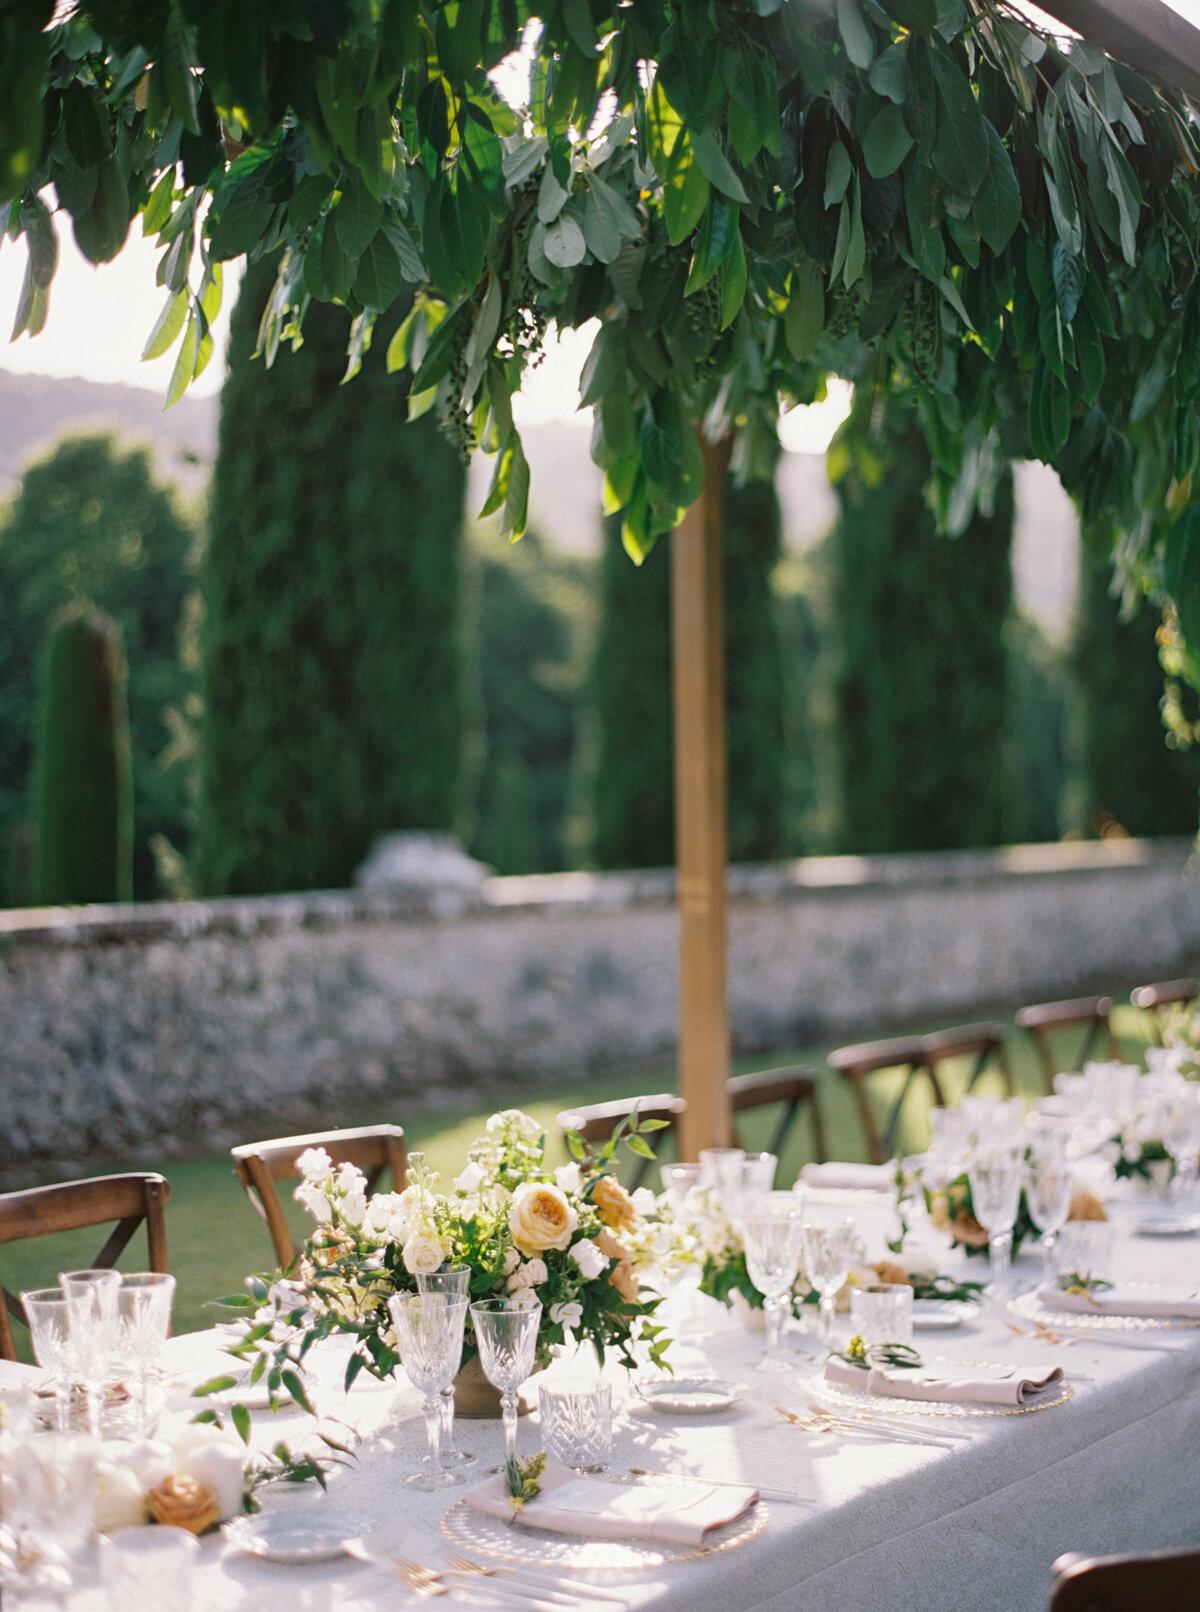 Villa-Cetinale-Tuscany-Katie-Grant-destination-wedding (95 of 115).jpg